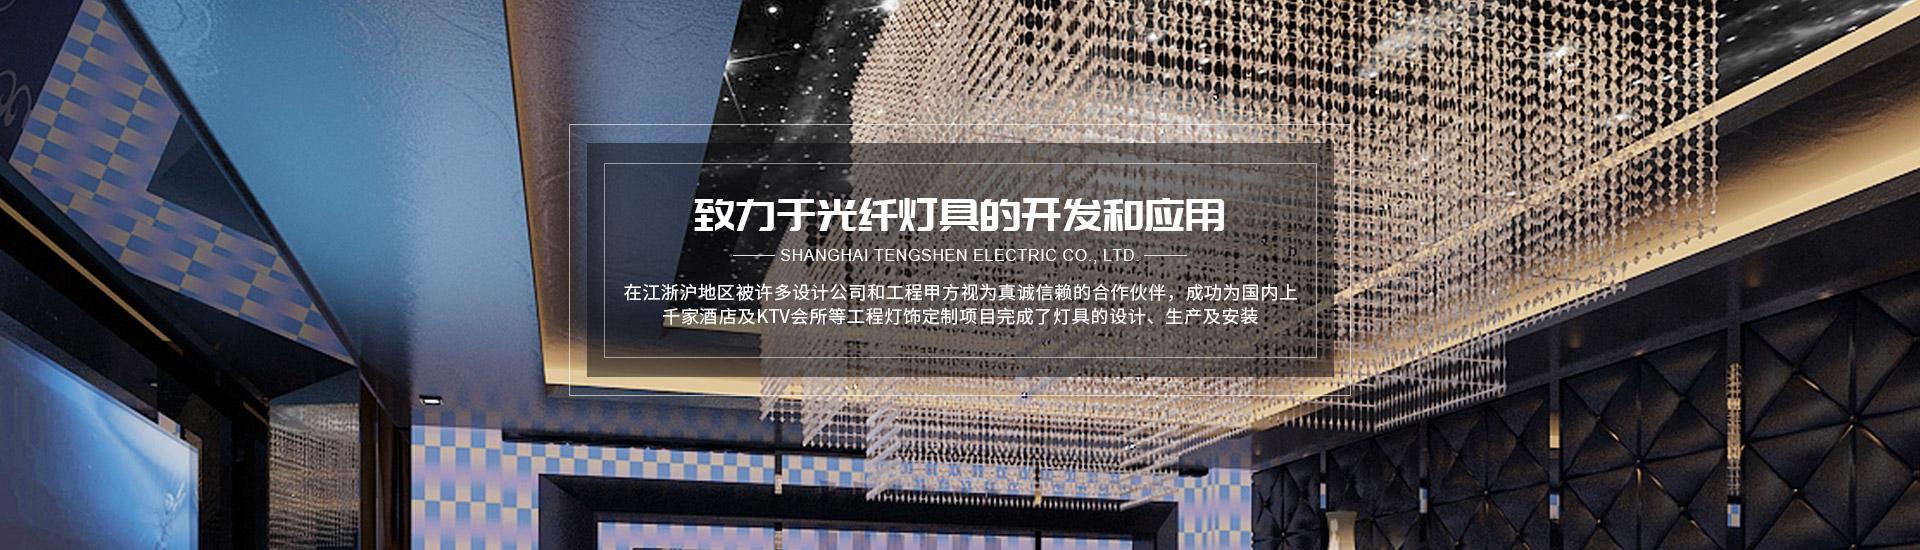 上海腾申电气有限公司